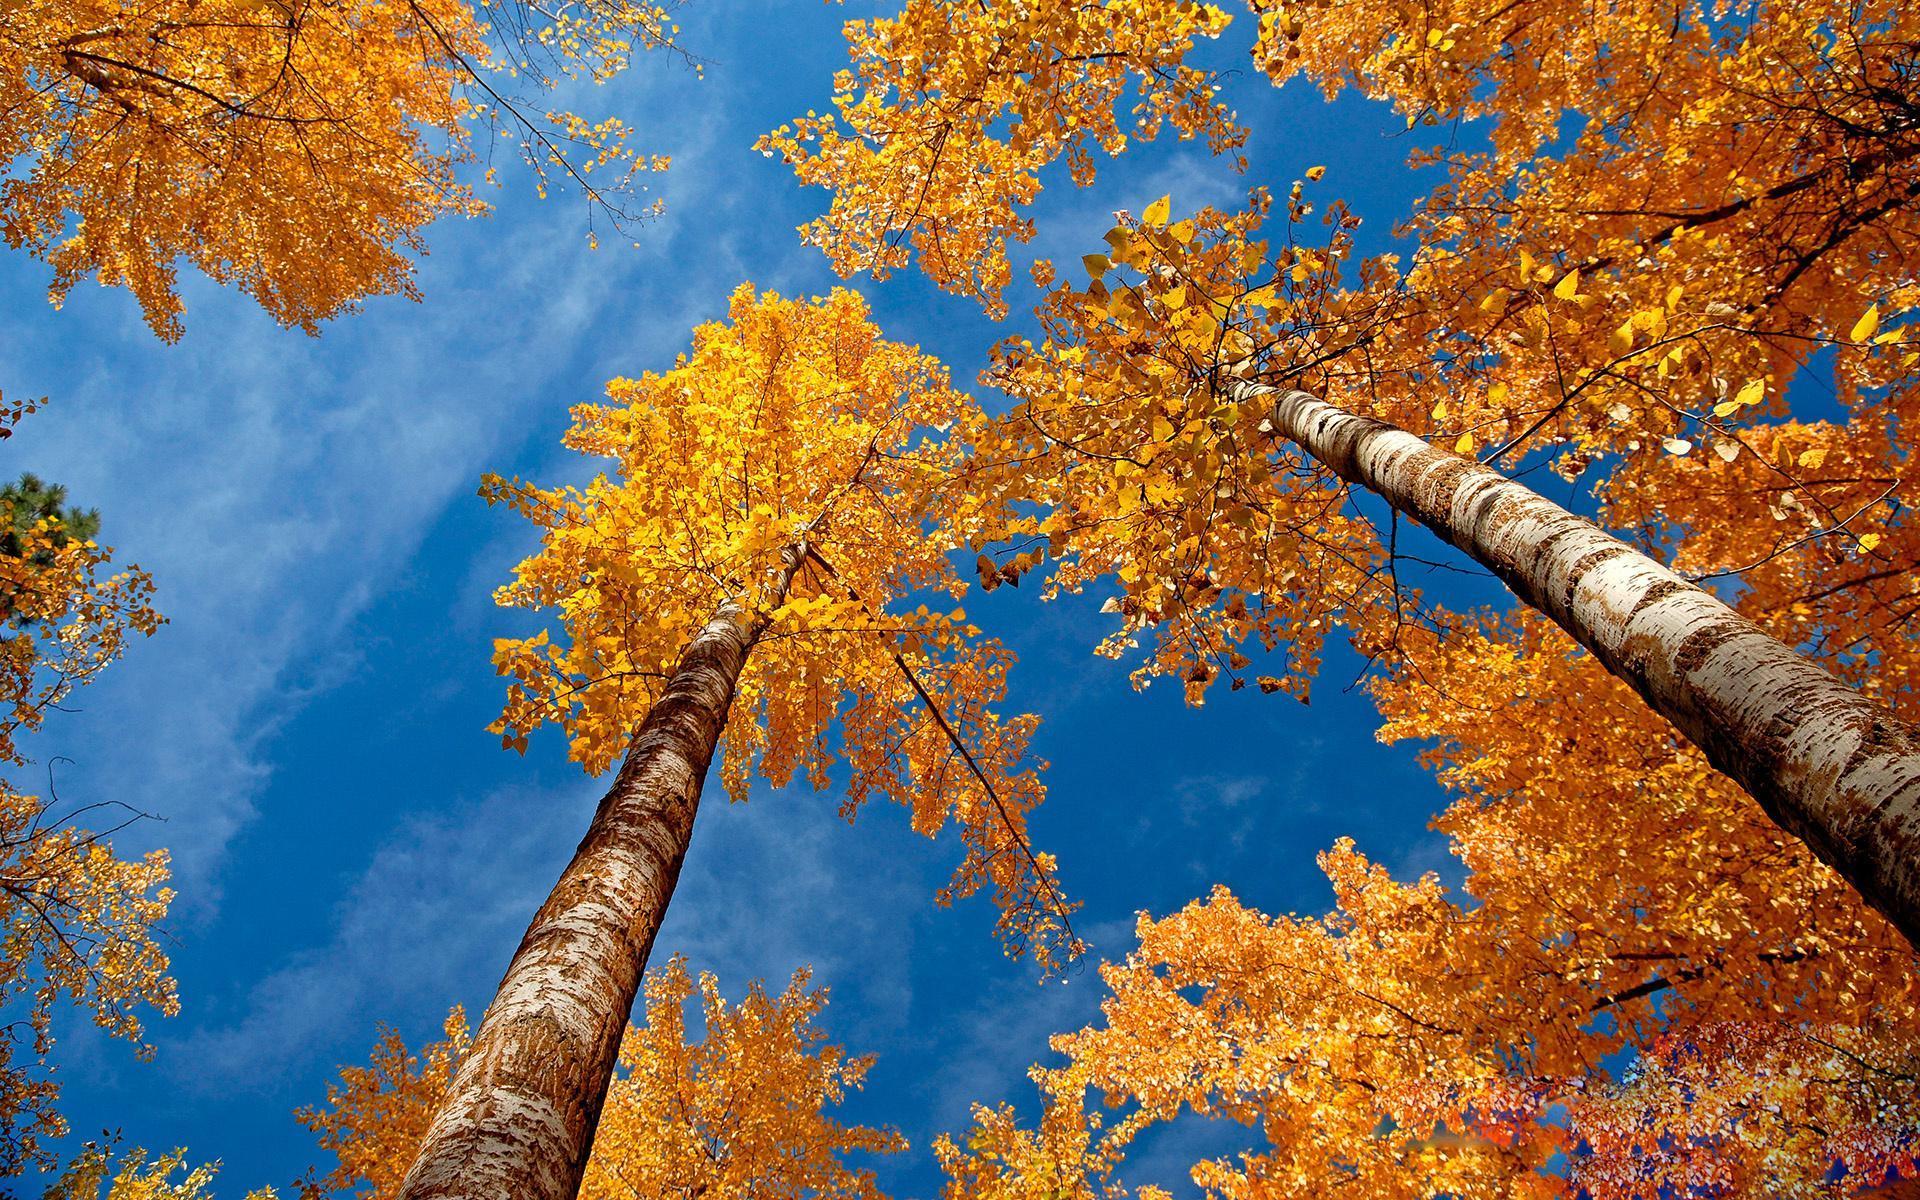 Золотая подруга осень картинки